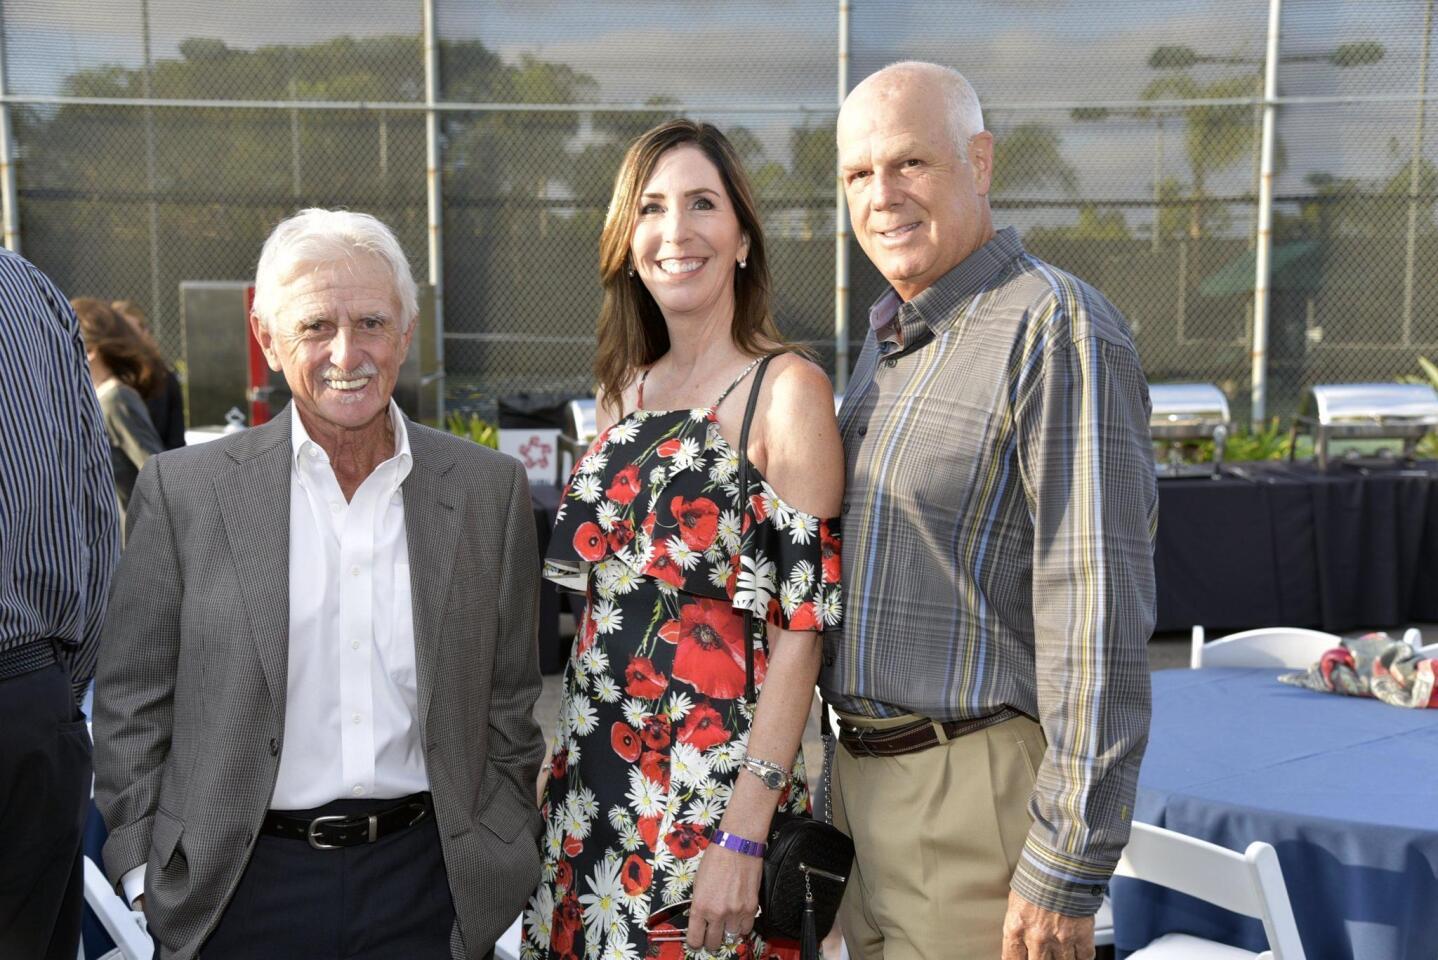 John Willis, AnnMarie and Gary Malino